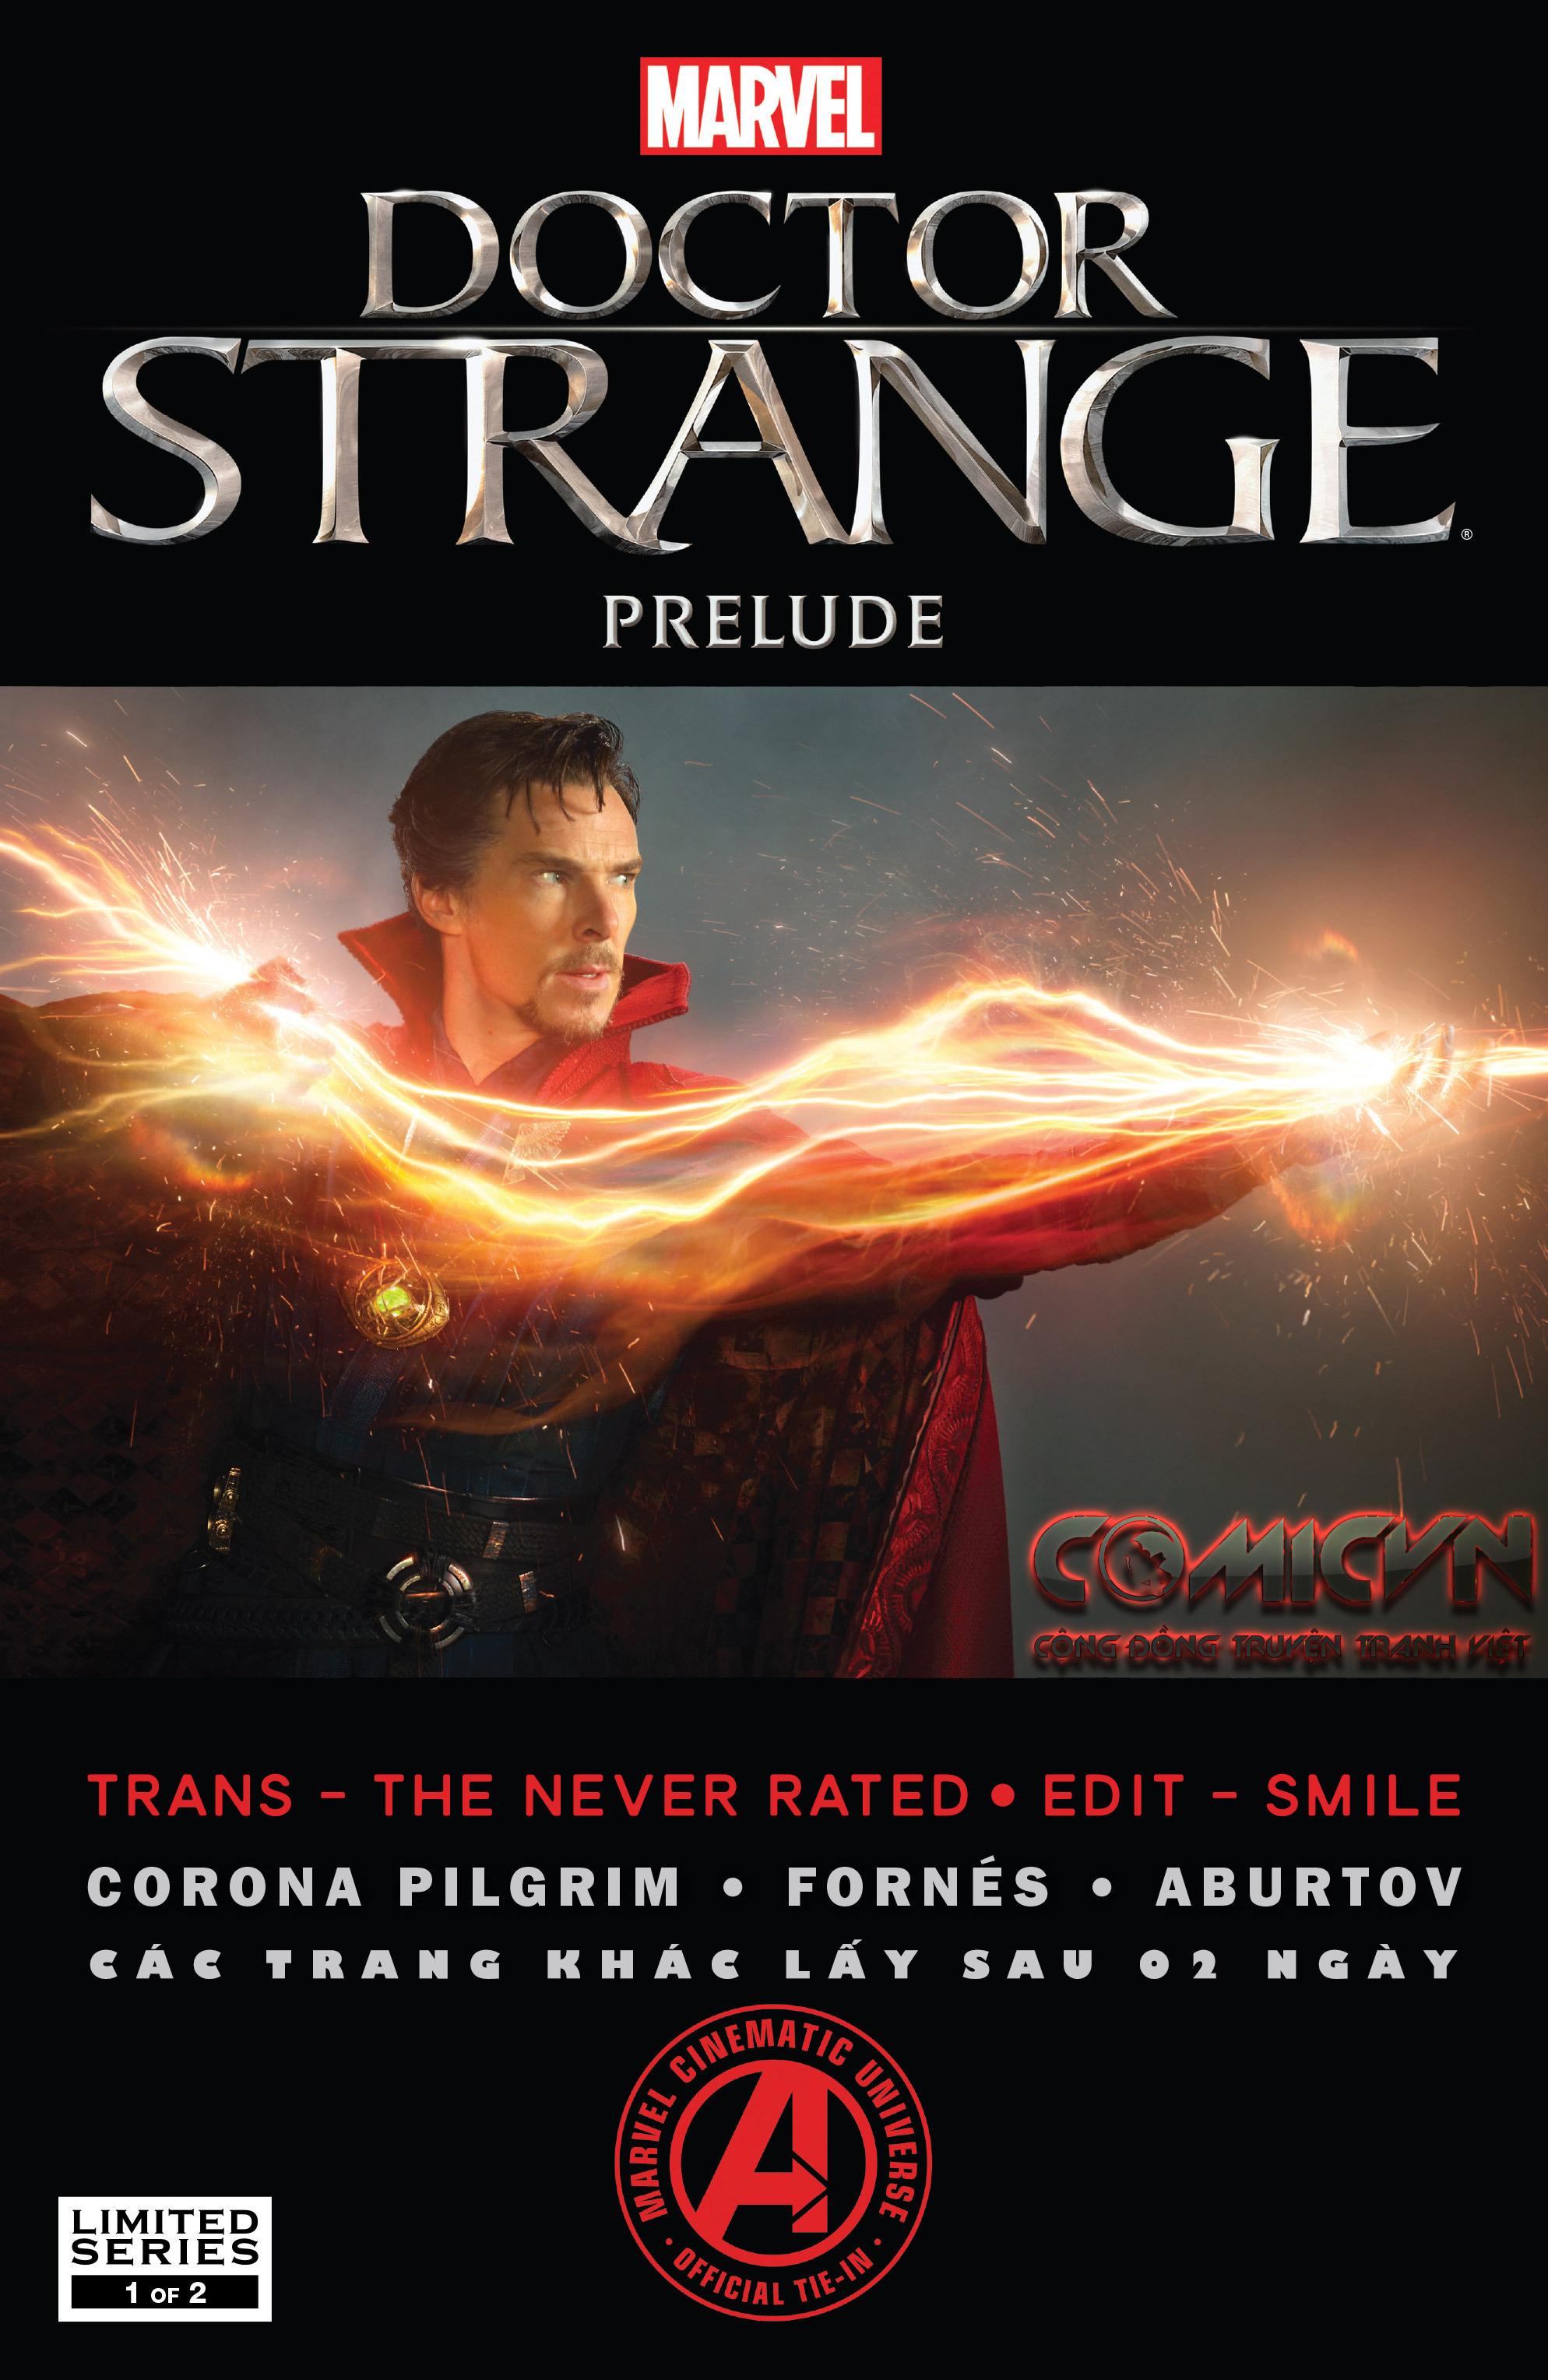 Doctor Strange Prelude kỳ 1 trang 1